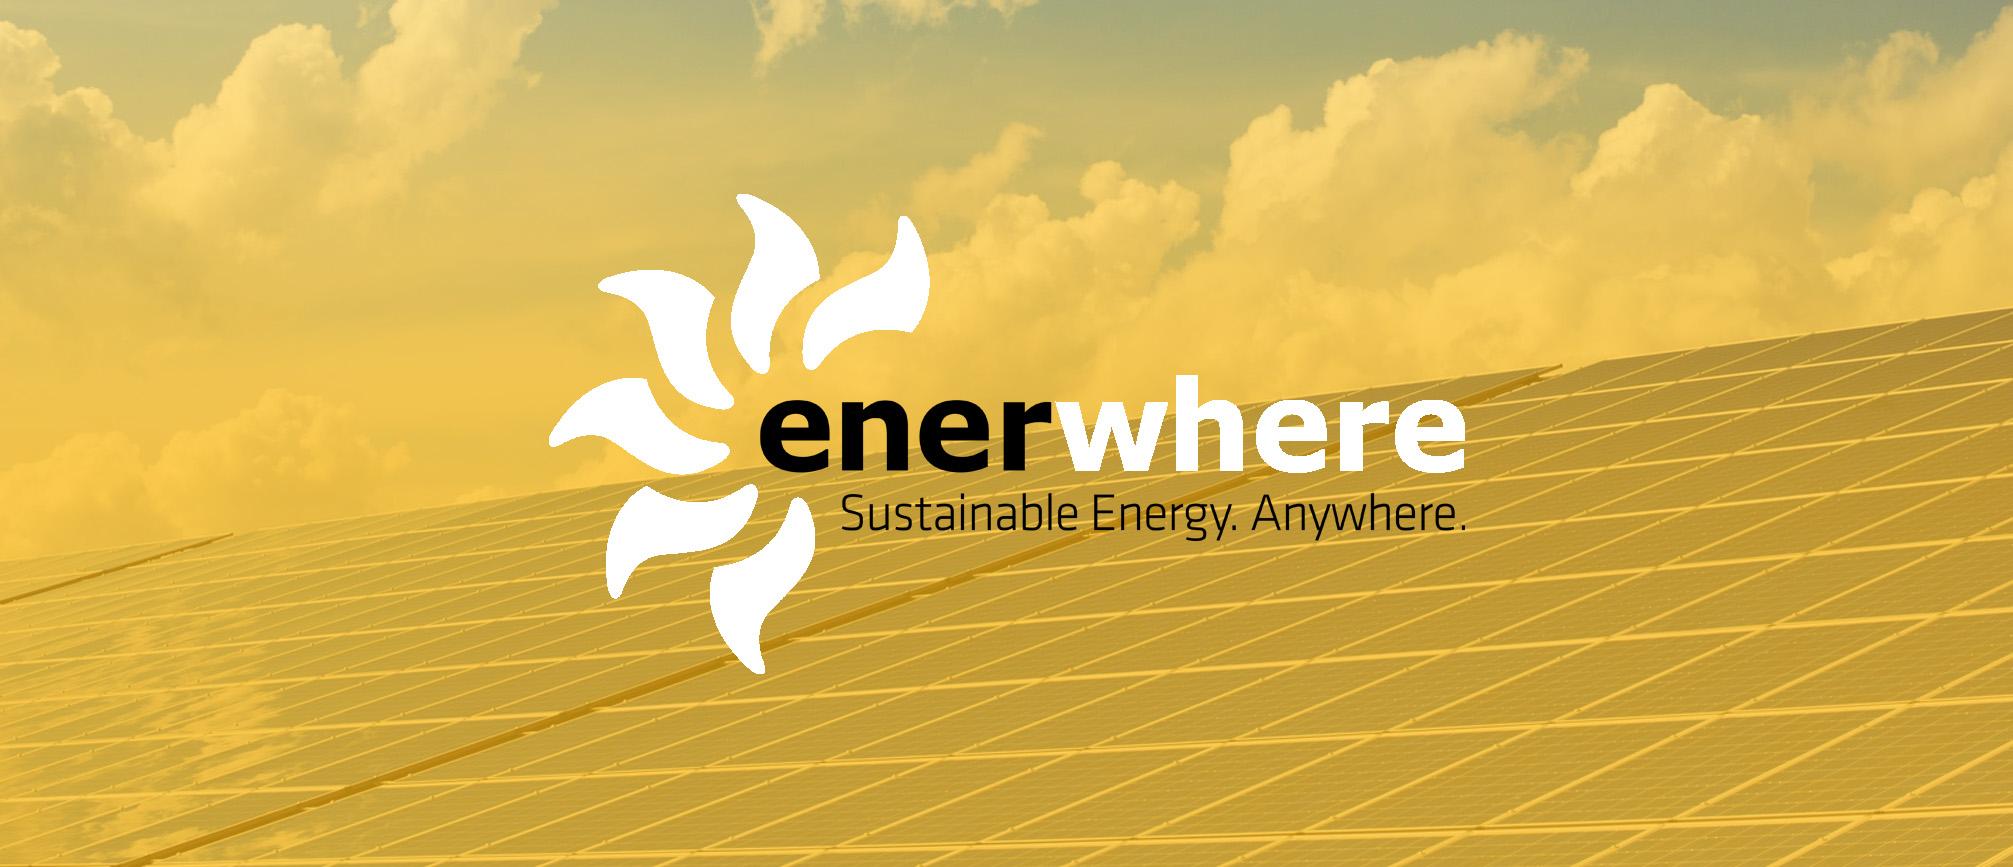 إنر وير .. أول شركة رائدة في مجال الطاقة الشمسية في المنطقة